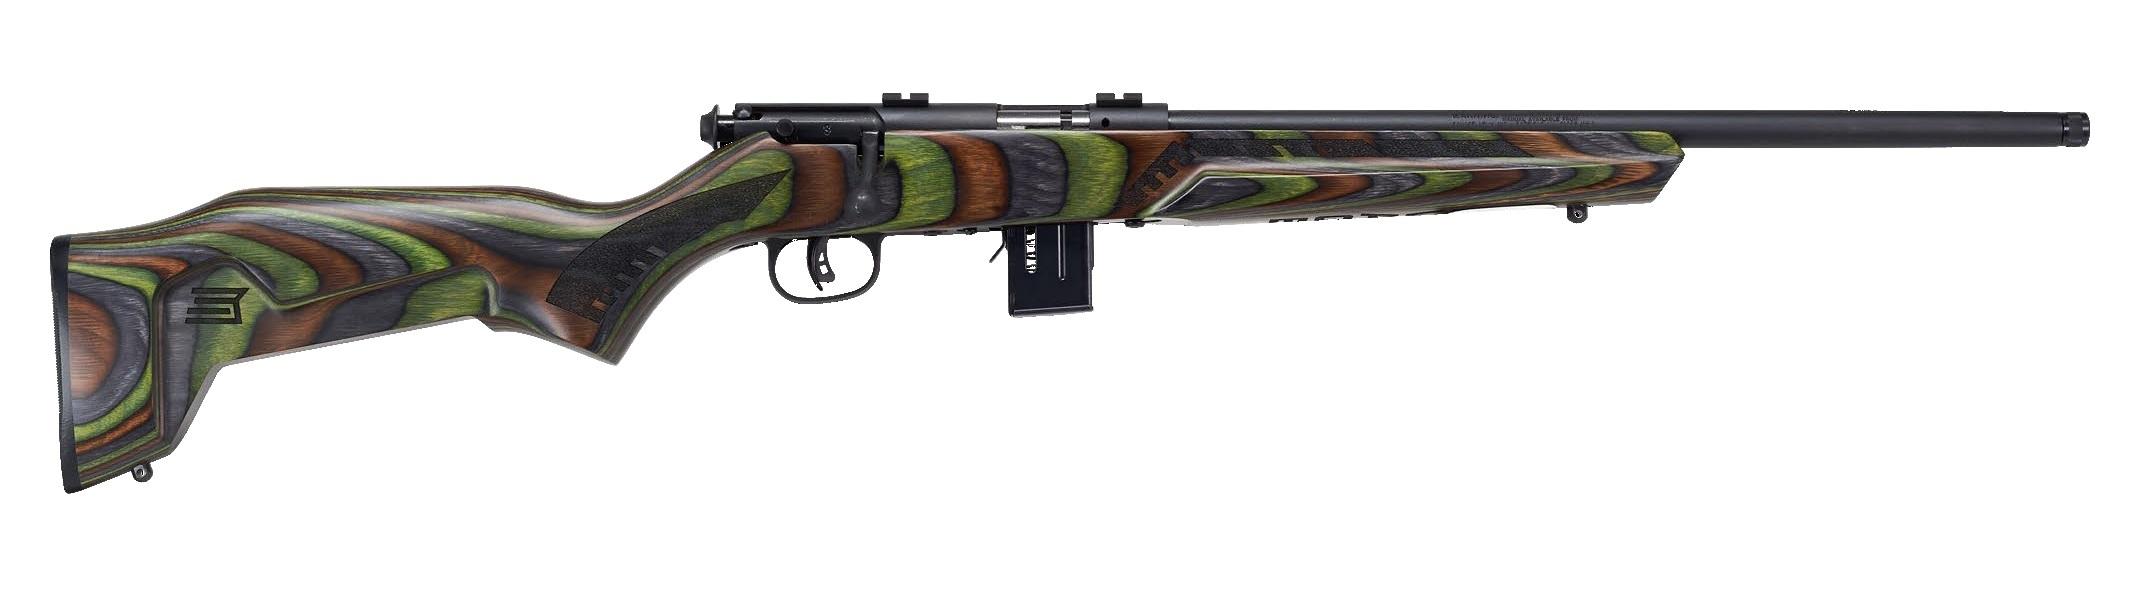 Savage Arms 93 Minimalist 22 Magnum